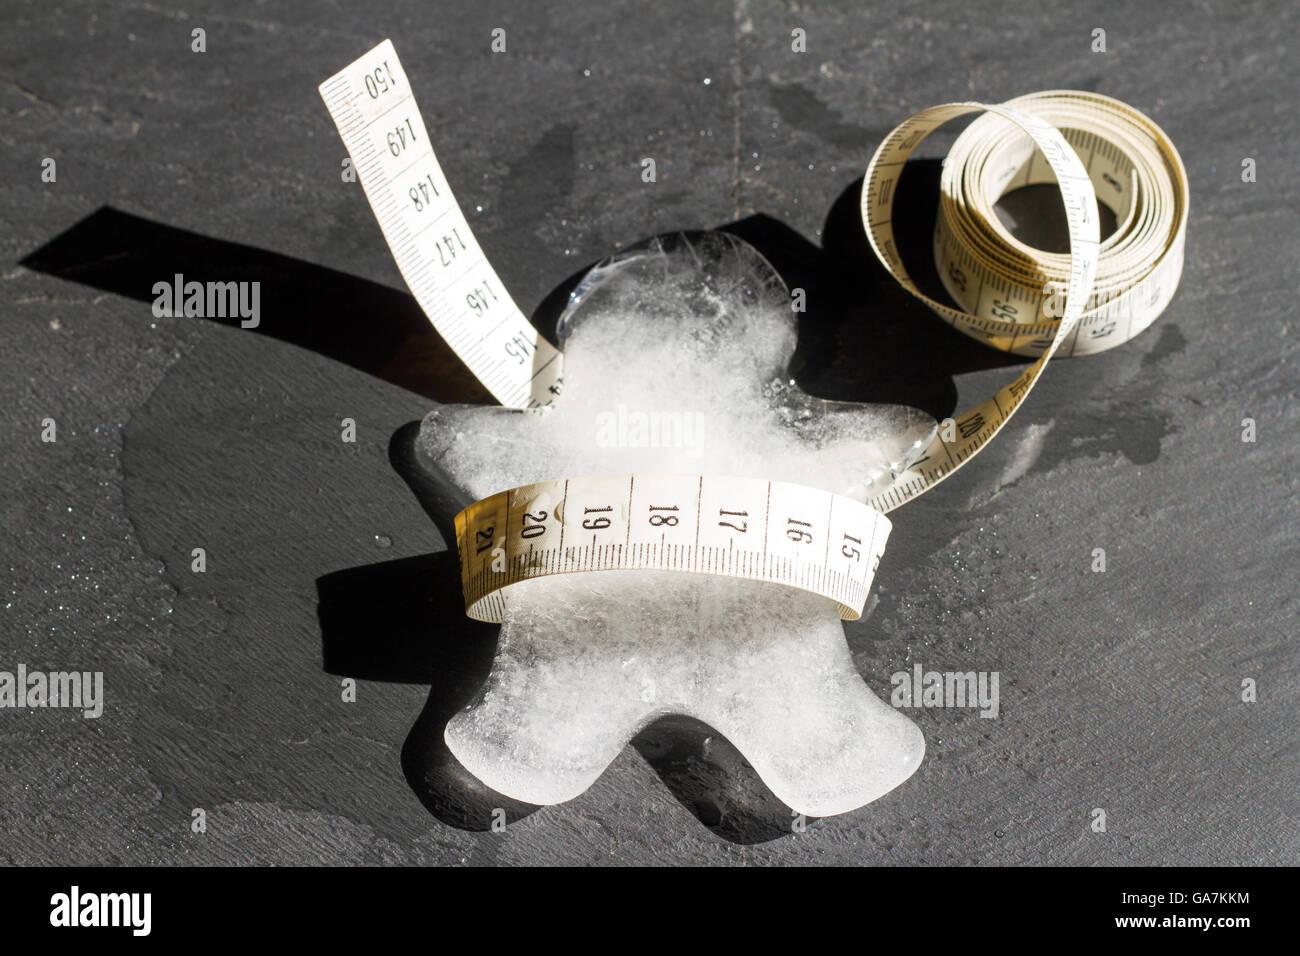 Perdu du poids et slim concept abstrait avec corps de glace fondant et mesurer Photo Stock